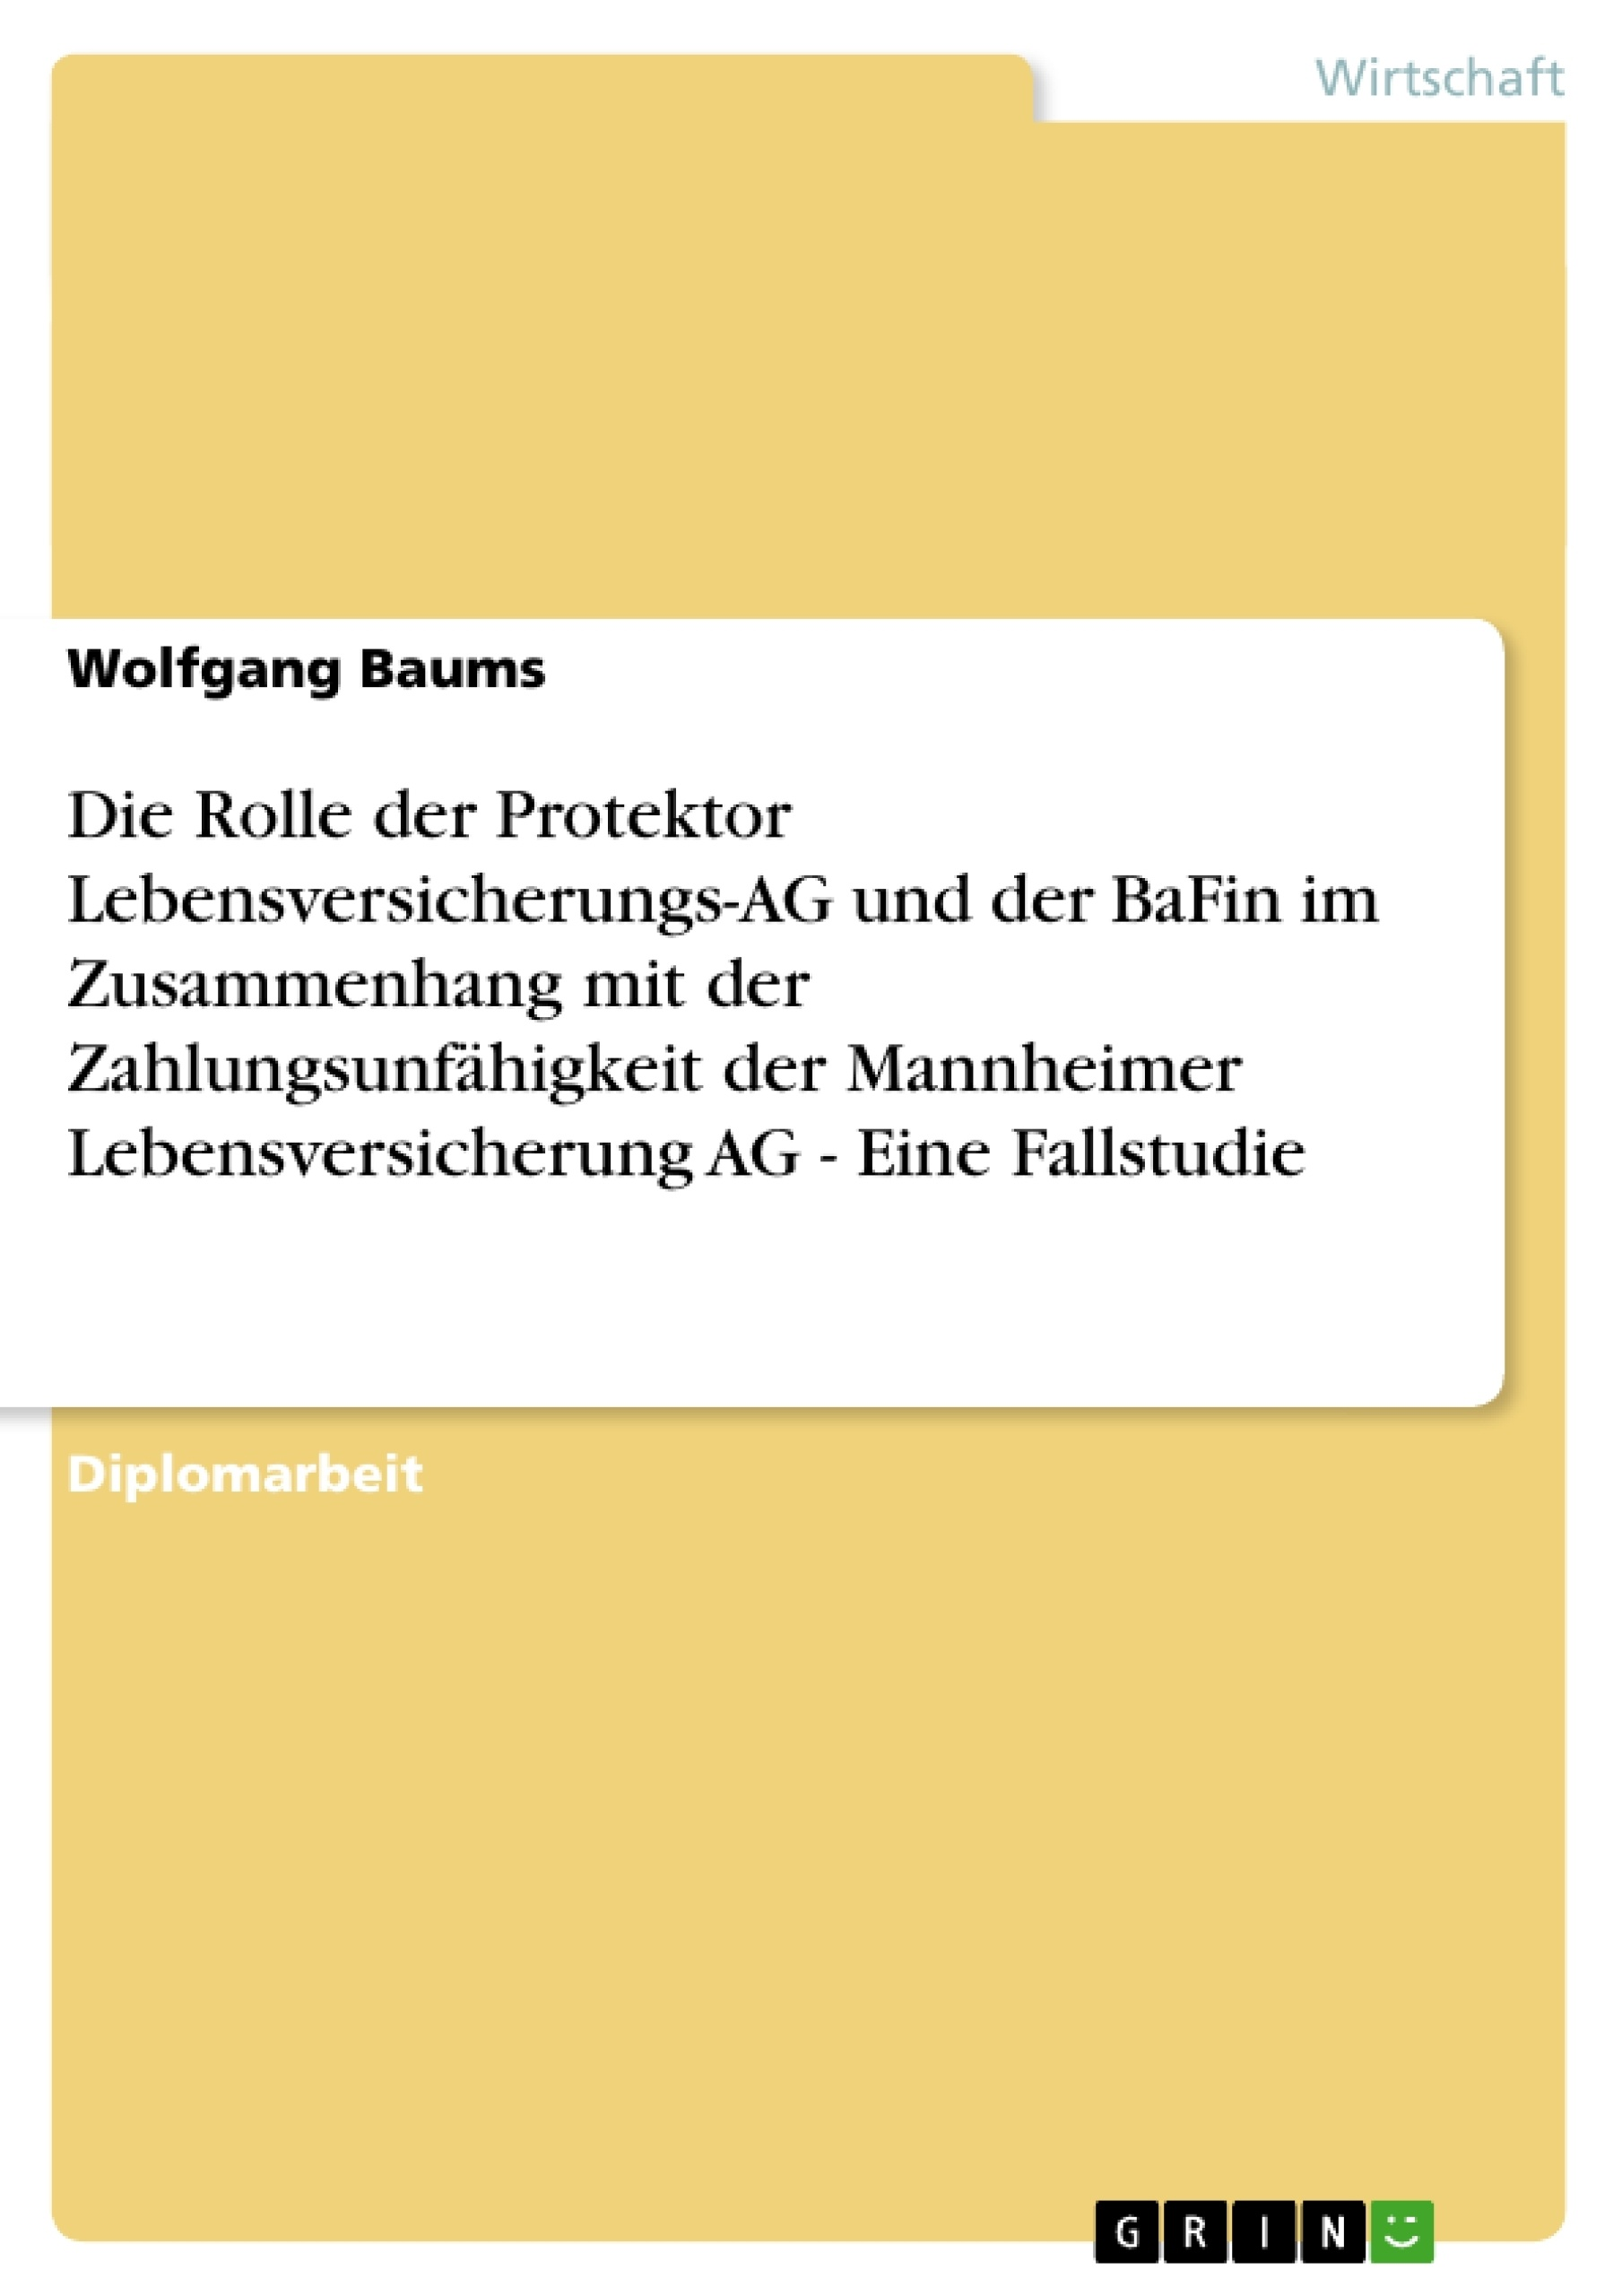 Titel: Die Rolle der Protektor Lebensversicherungs-AG und der BaFin im Zusammenhang mit der Zahlungsunfähigkeit der Mannheimer Lebensversicherung AG - Eine Fallstudie